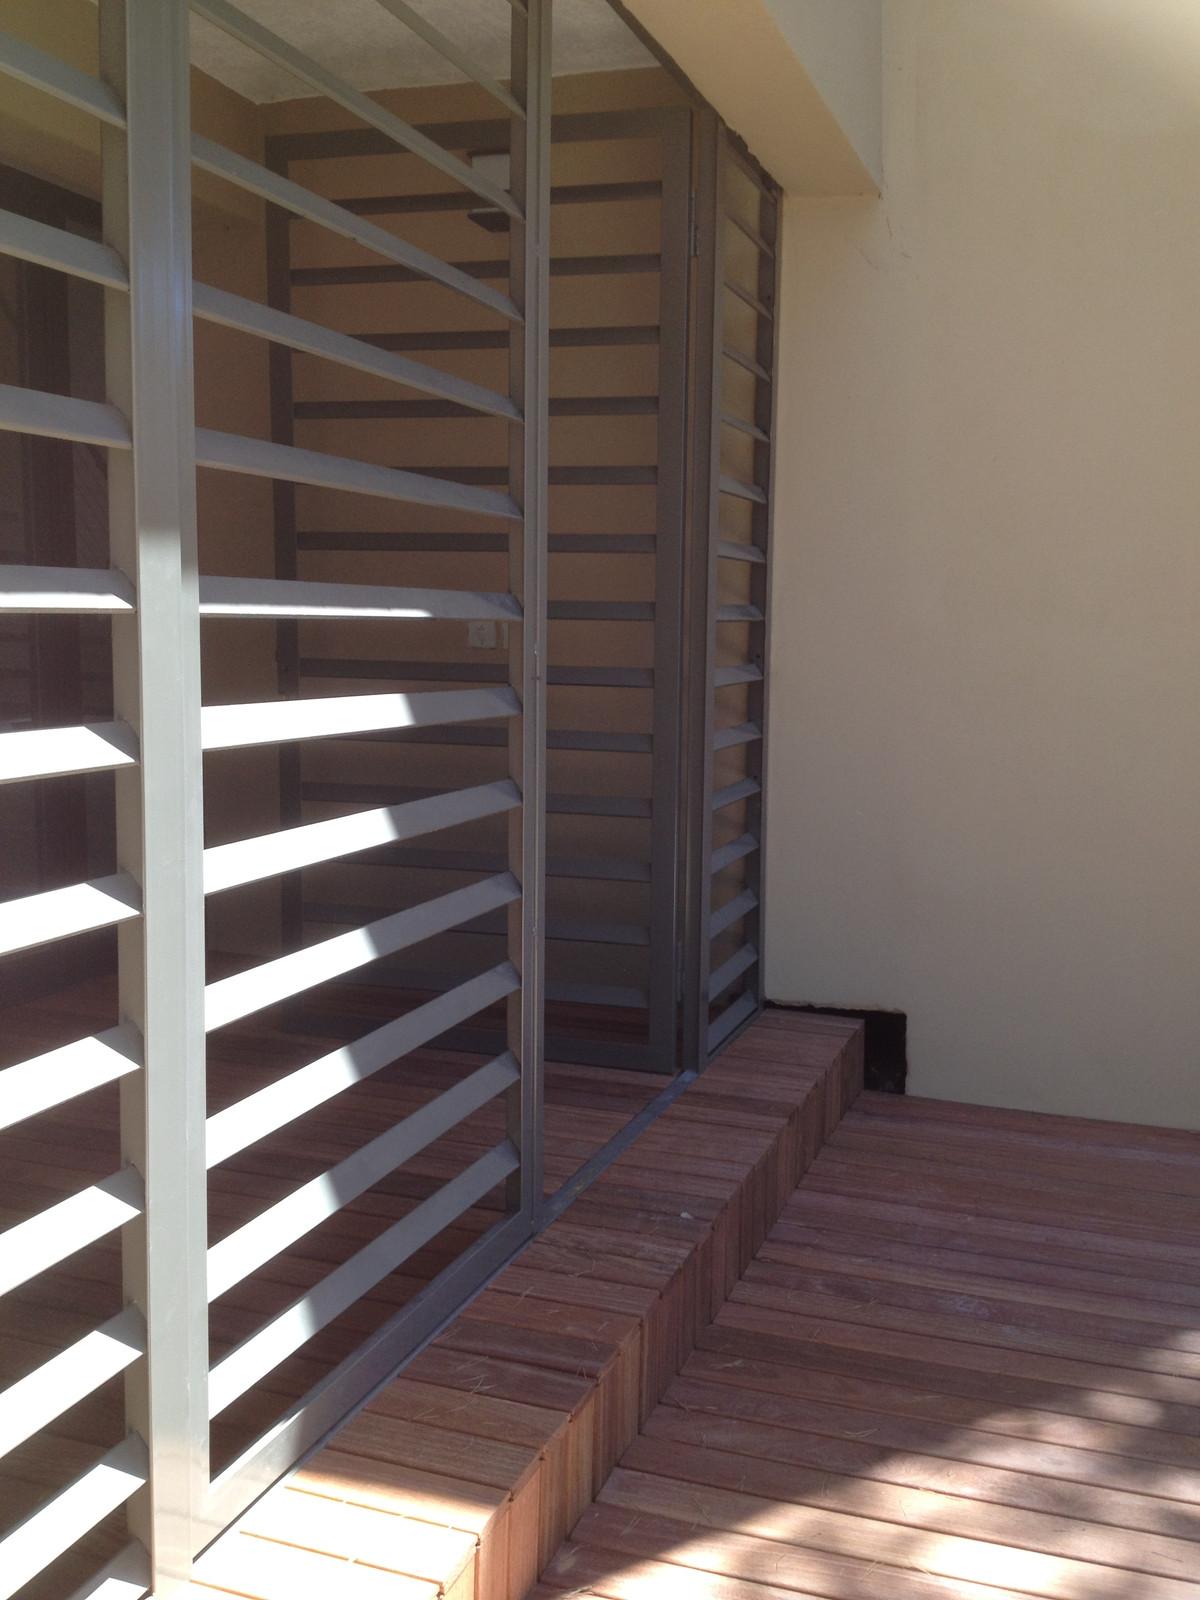 manilay pluquailec architecte d 39 int rieur montpellier et alentours. Black Bedroom Furniture Sets. Home Design Ideas